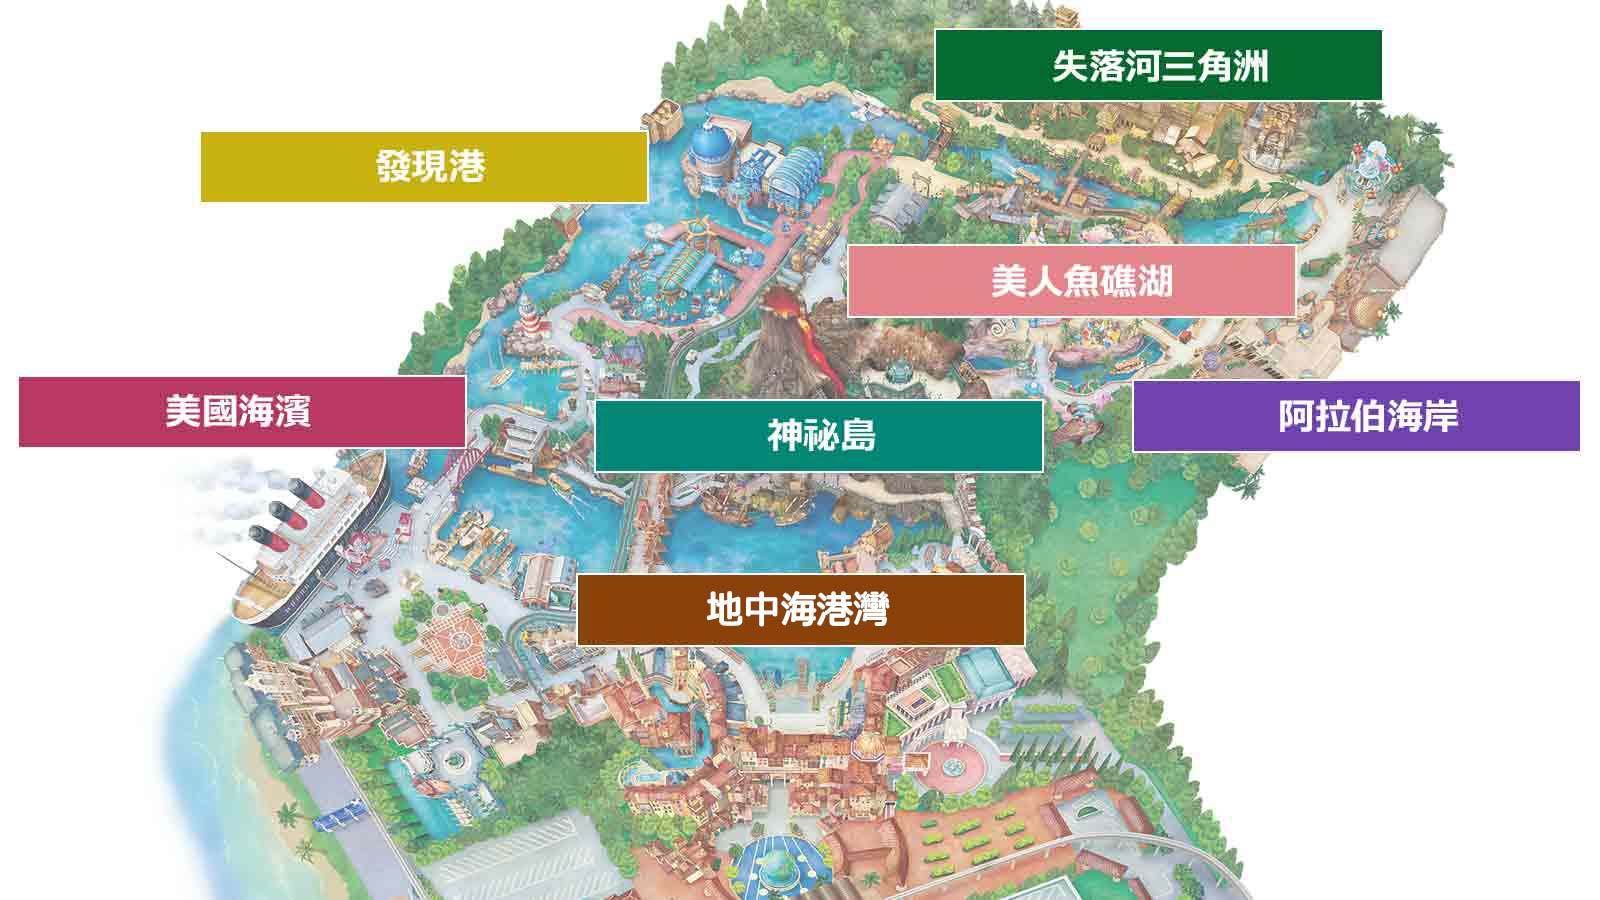 東京迪士尼海洋地圖。圖片來源:東京迪士尼官網